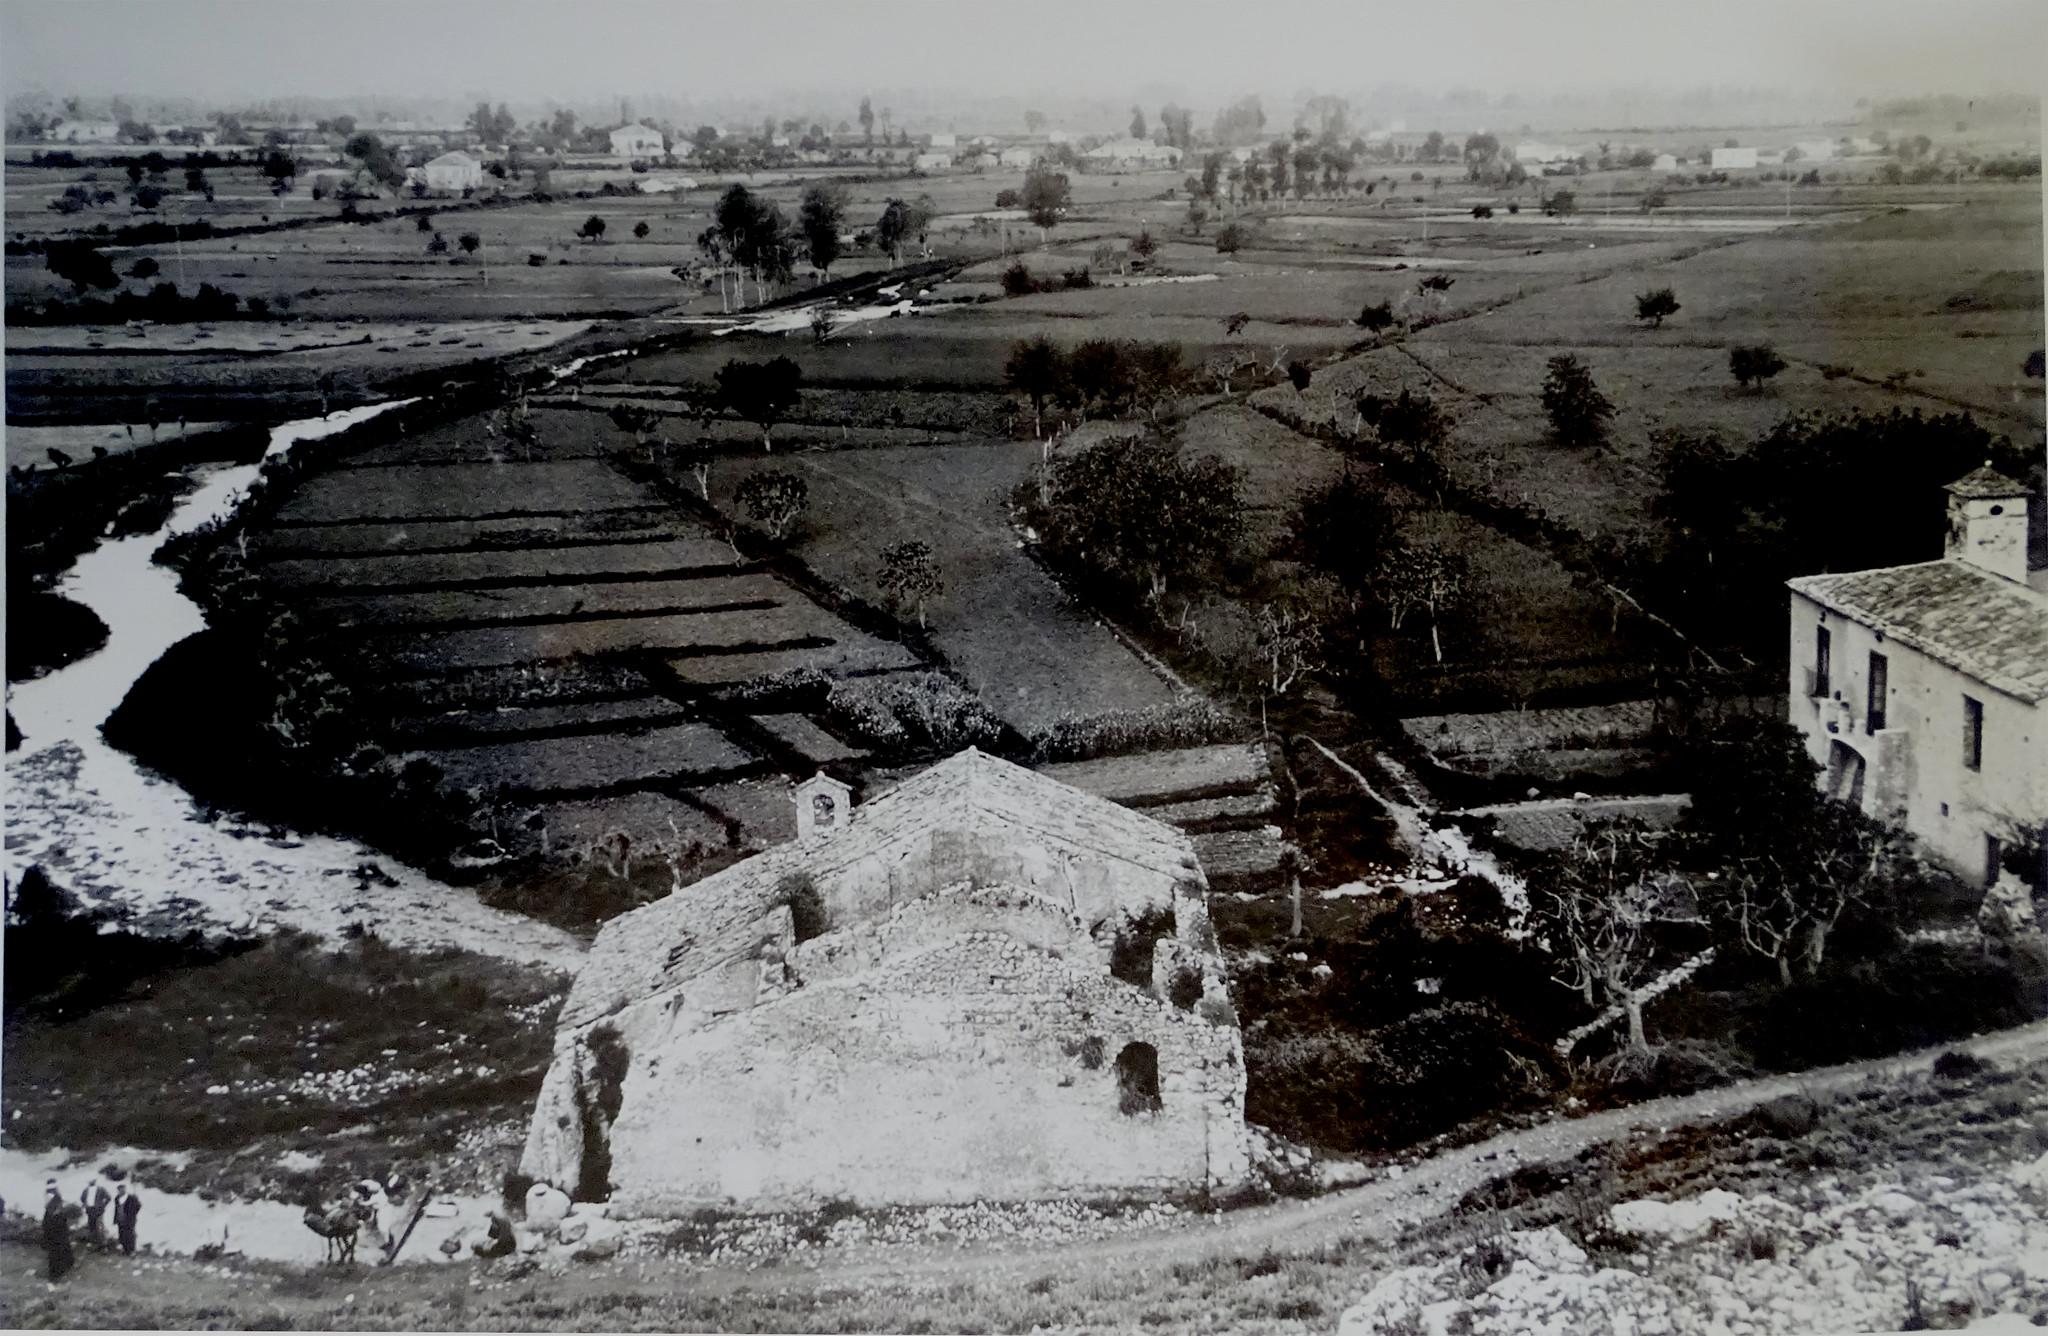 battistero-paleocristiano-periodo-1920-foto-concessa-dal-sign-michele-rosciano_39778149431_o